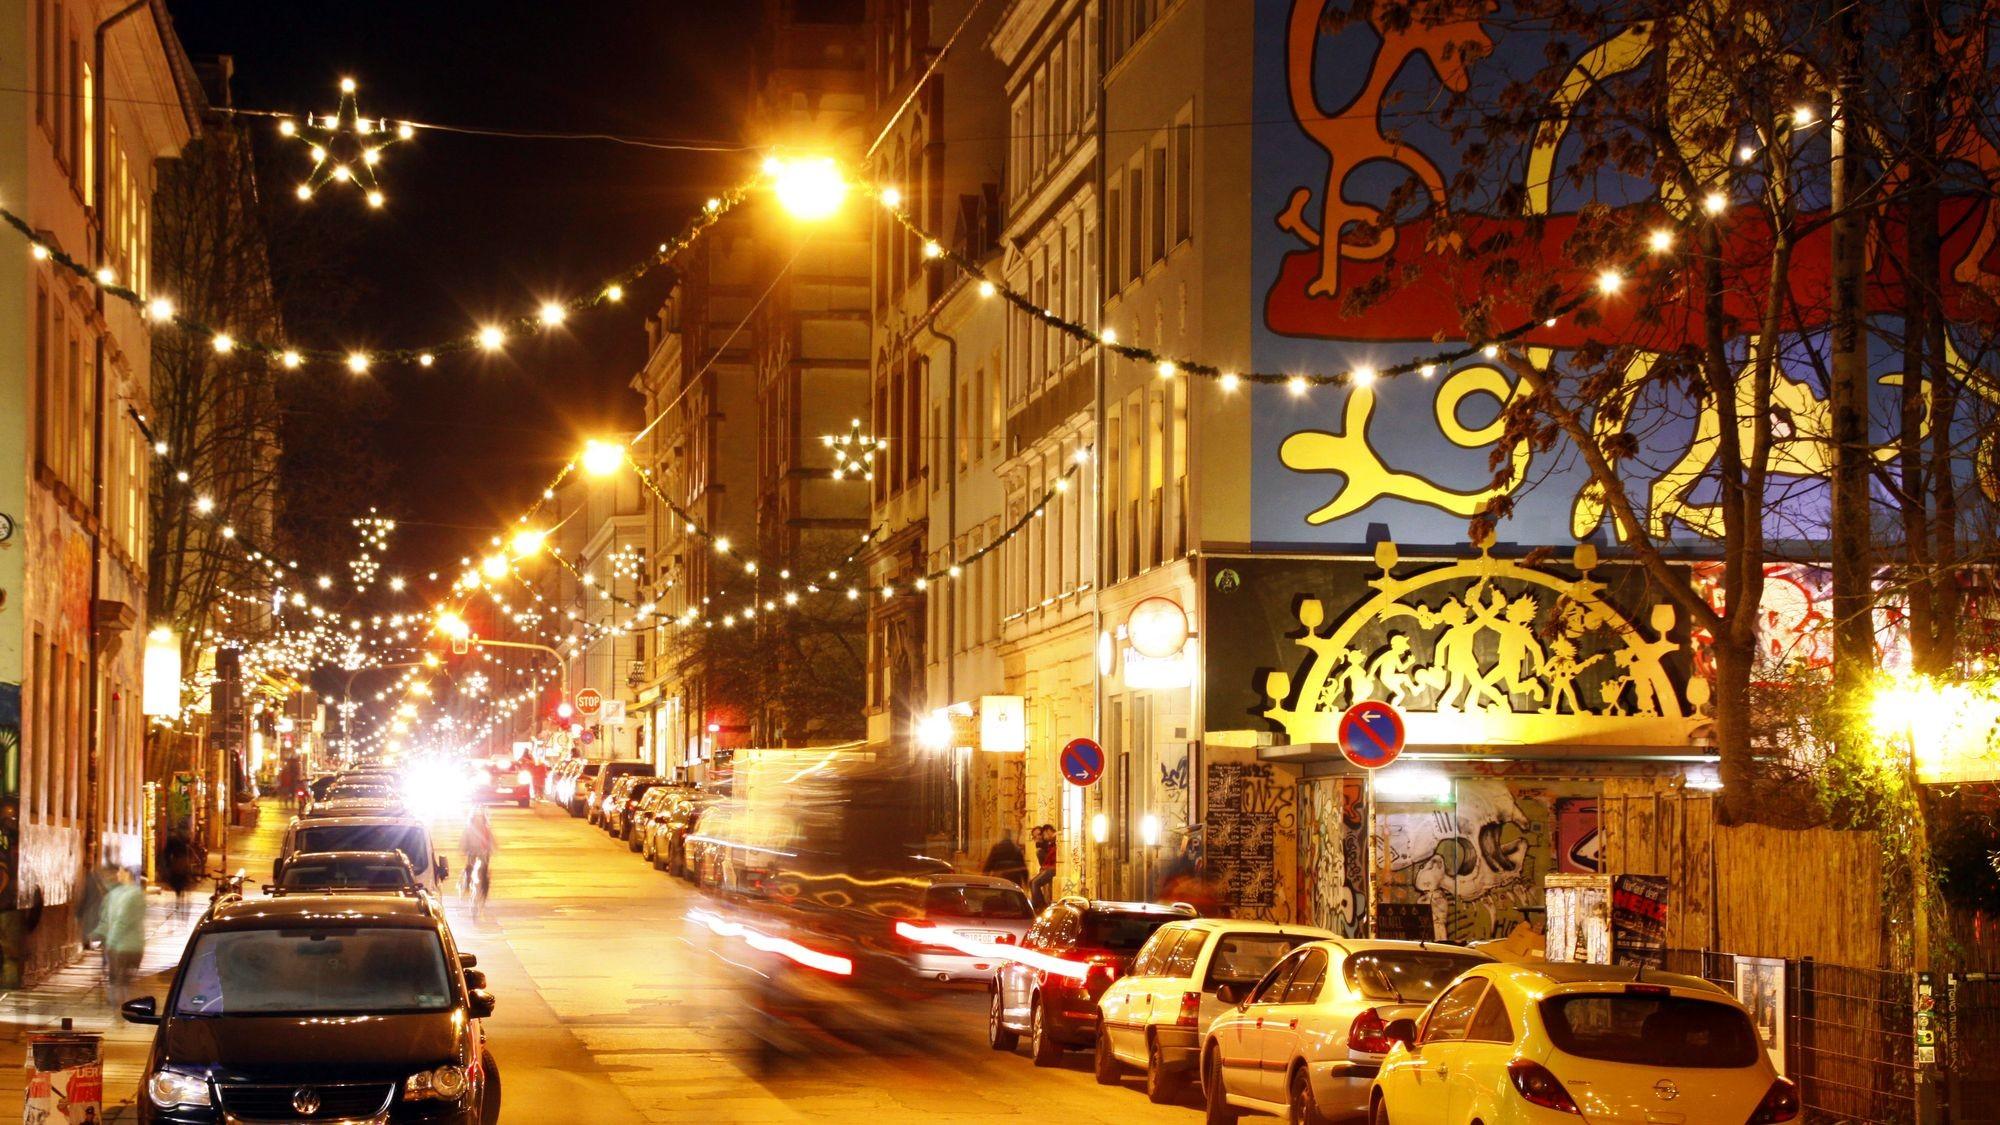 Louisenstraße im Weihnachtsglanz - Foto: Archiv 2015 - Youssef Safwan